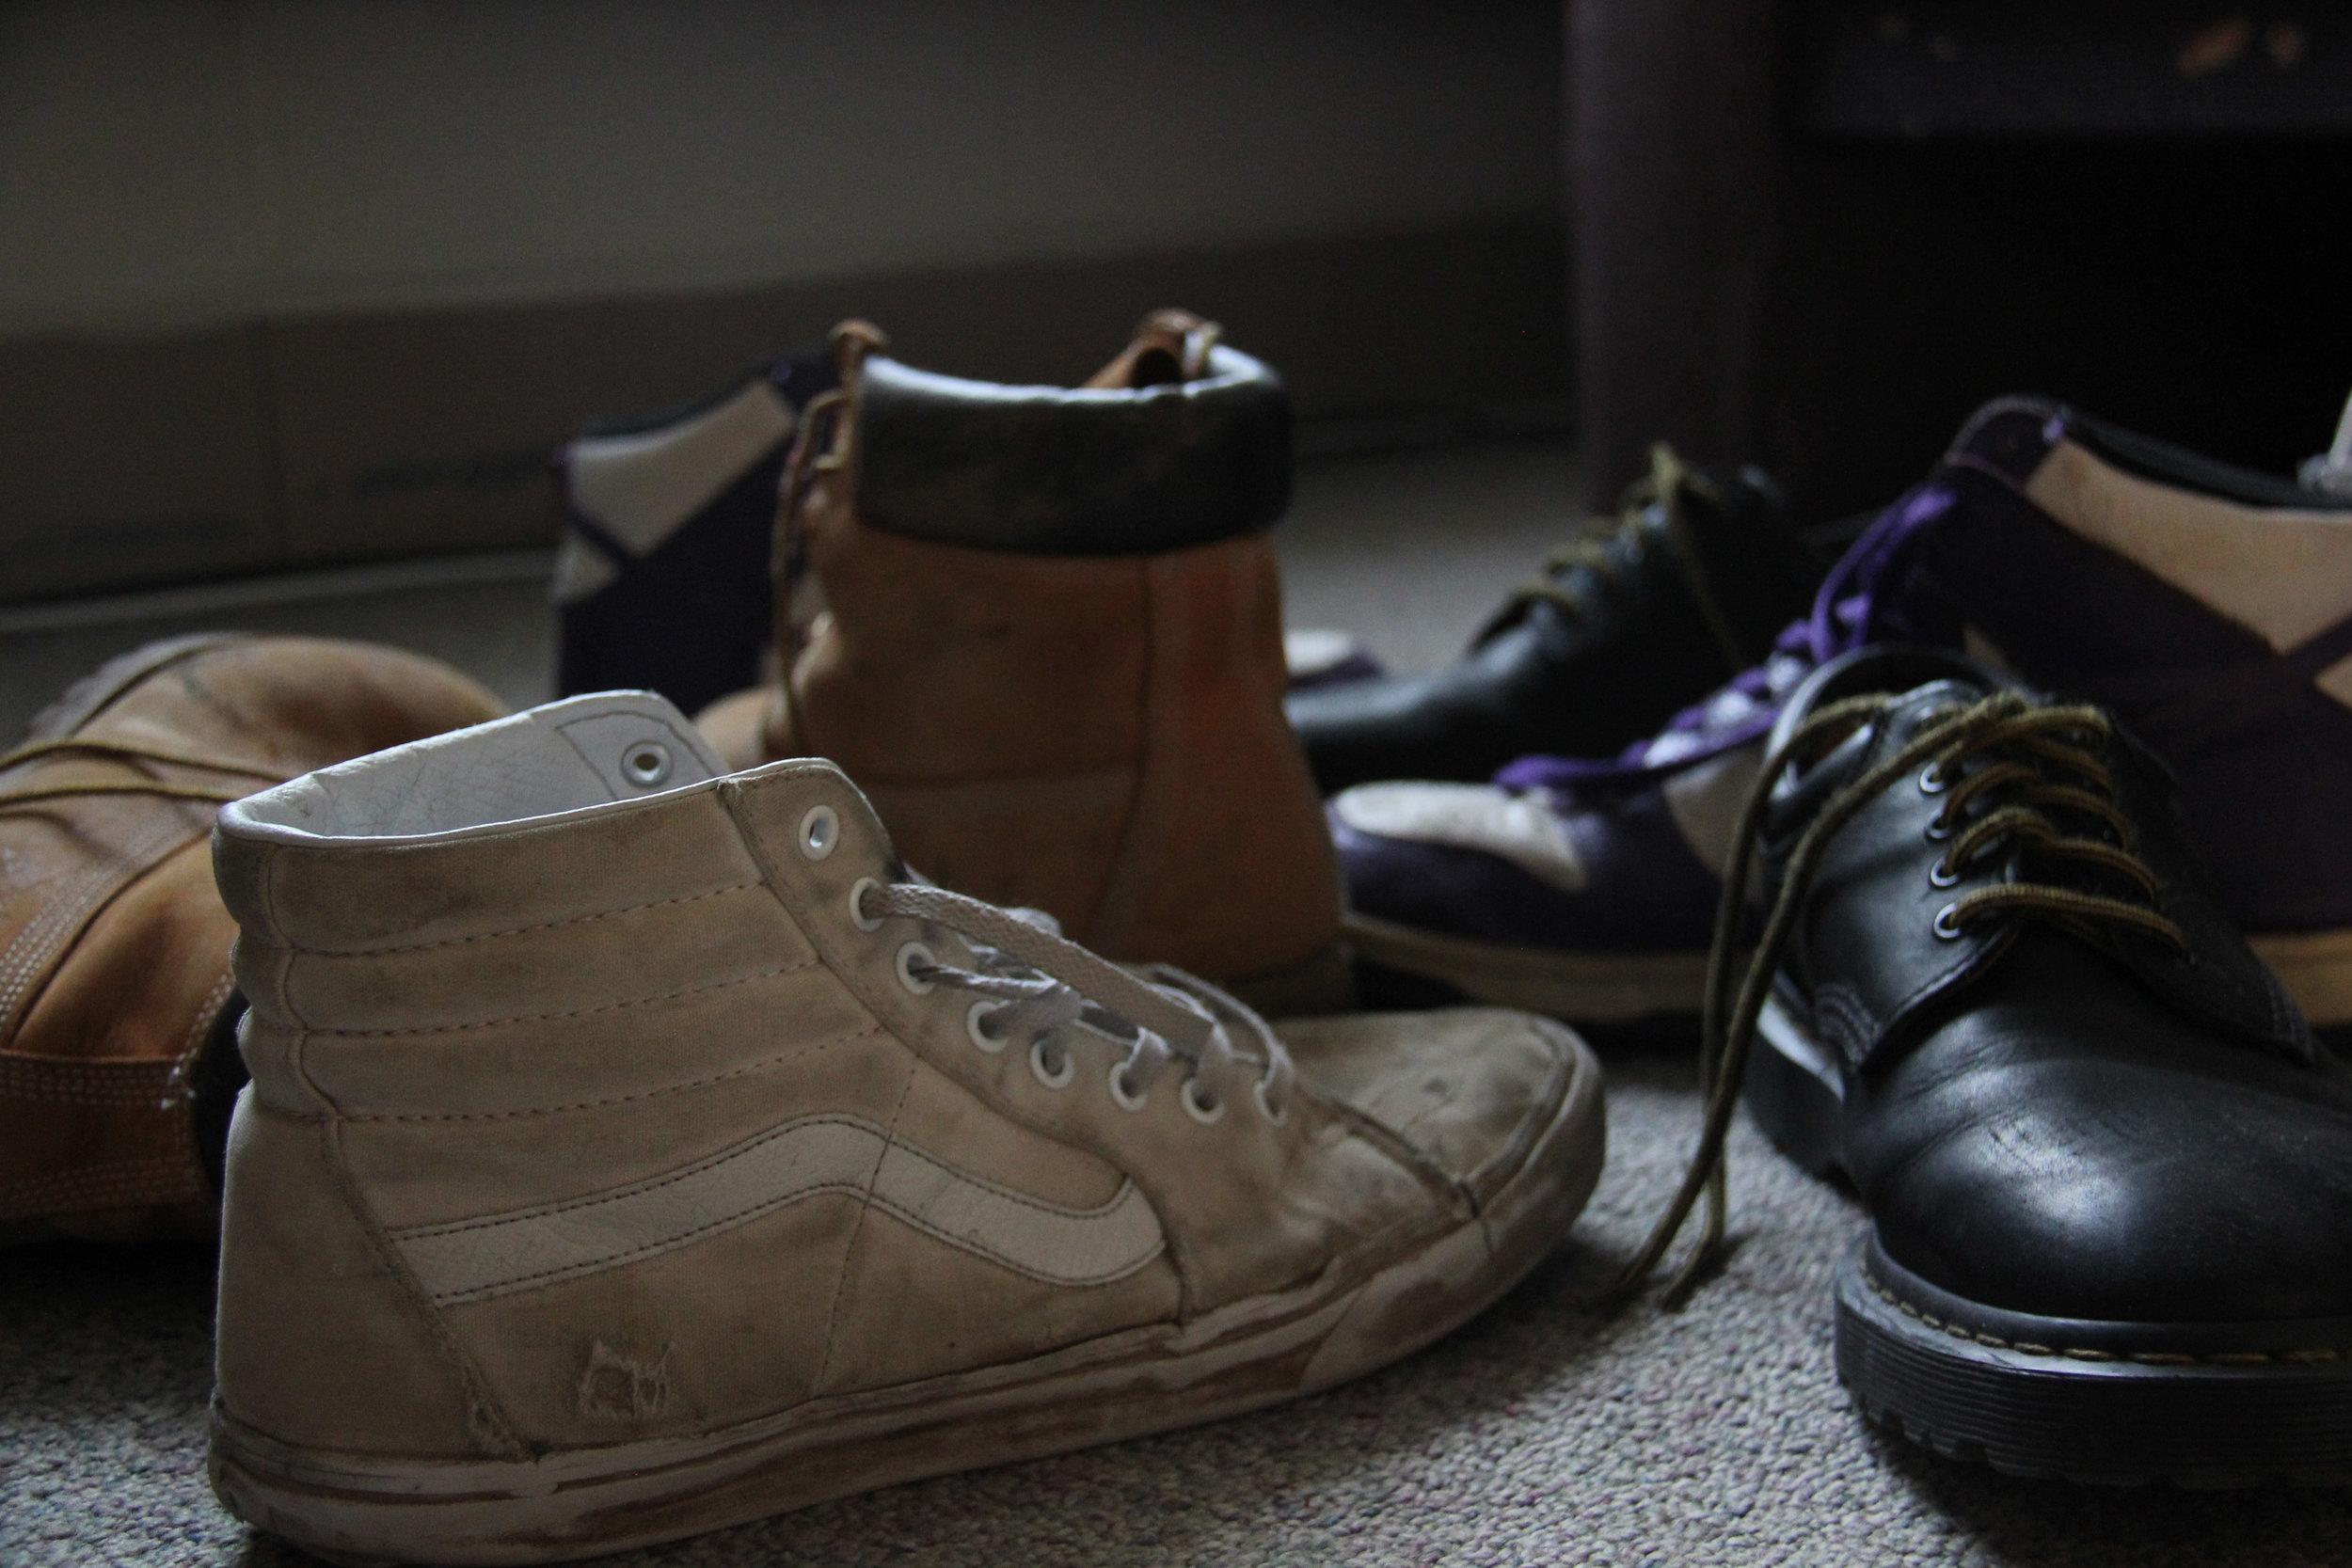 2.Shoes